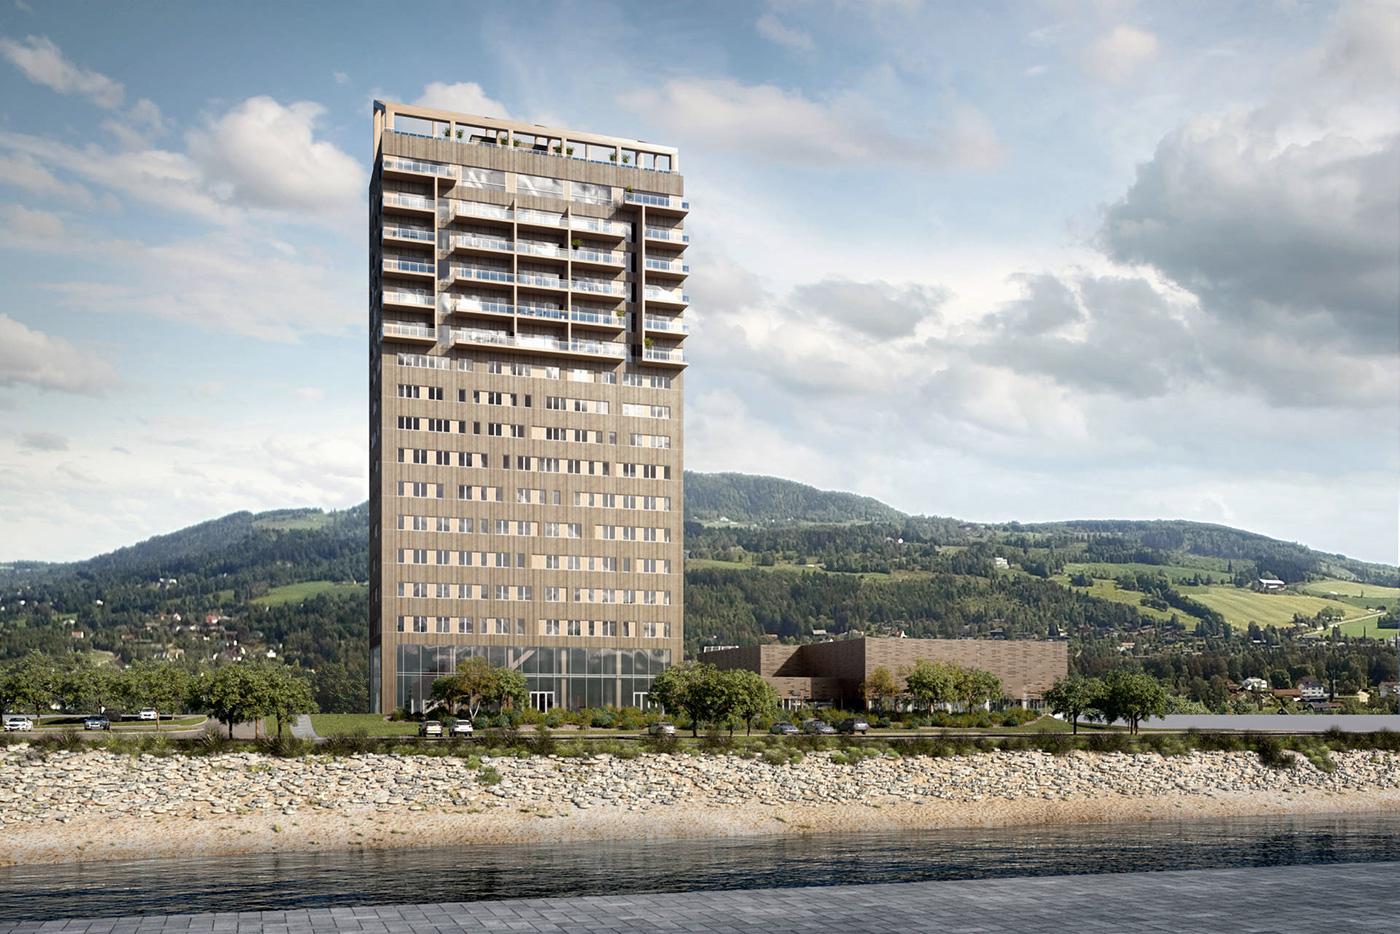 Maison Ossature Bois Suede le plus haut bâtiment en bois du monde est en cours de